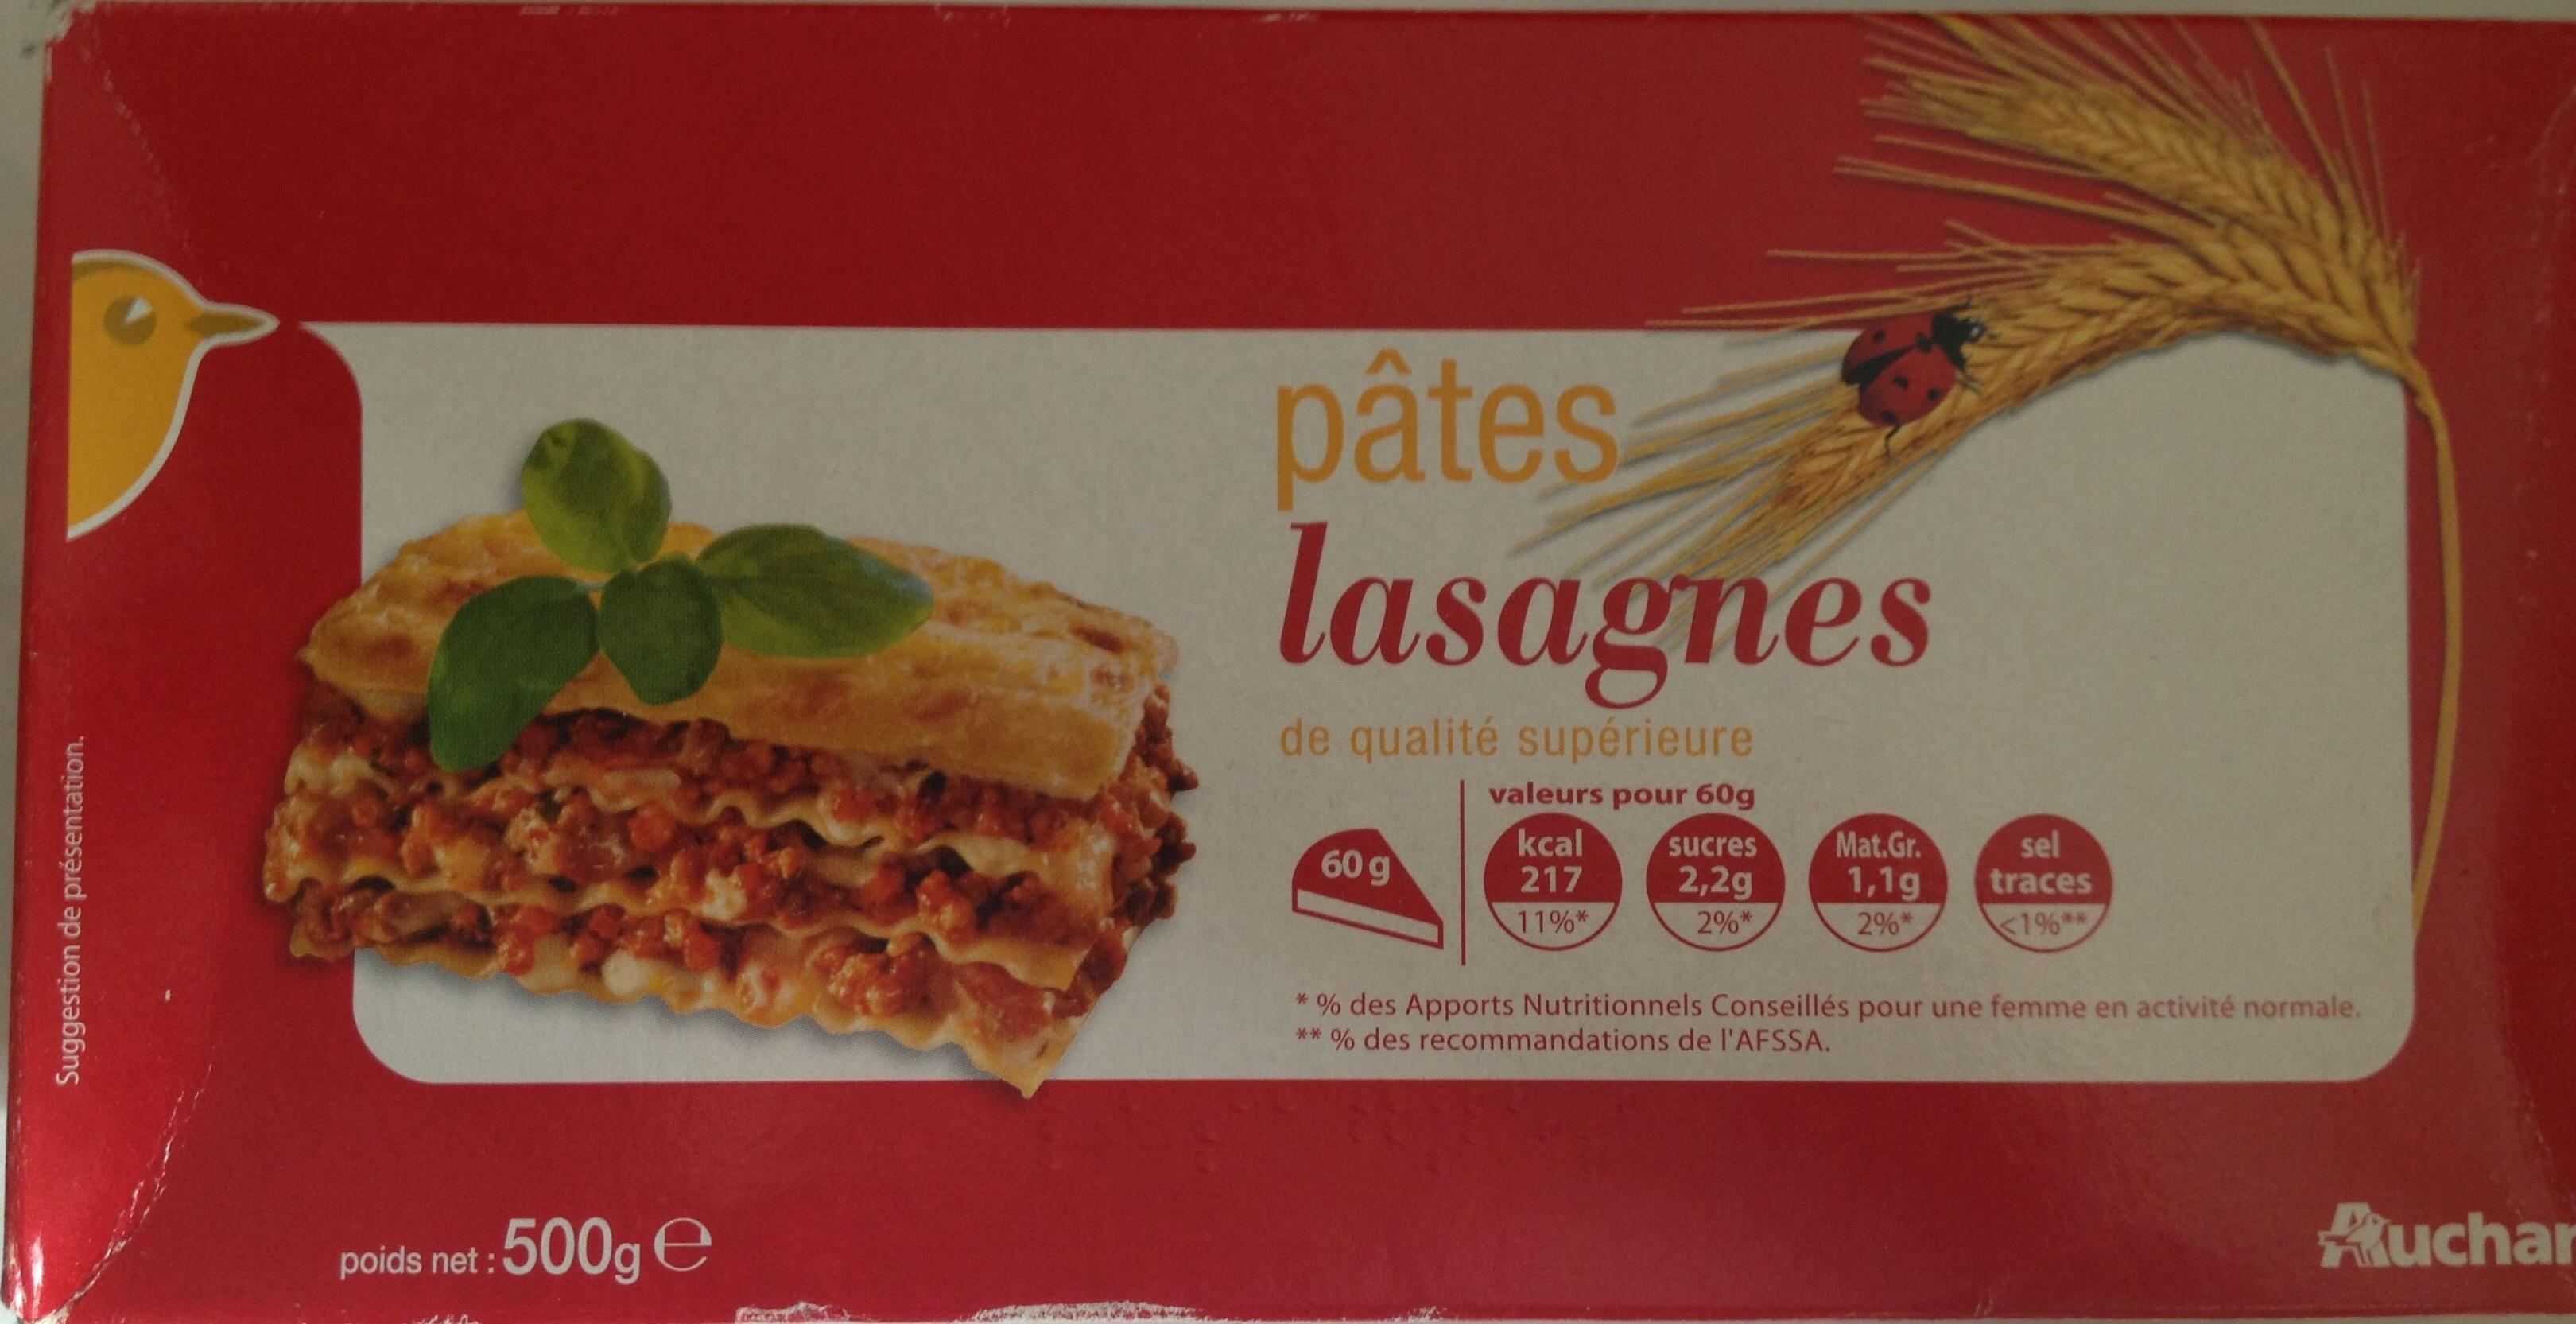 Pâtes lasagnes de qualité supérieure - Produit